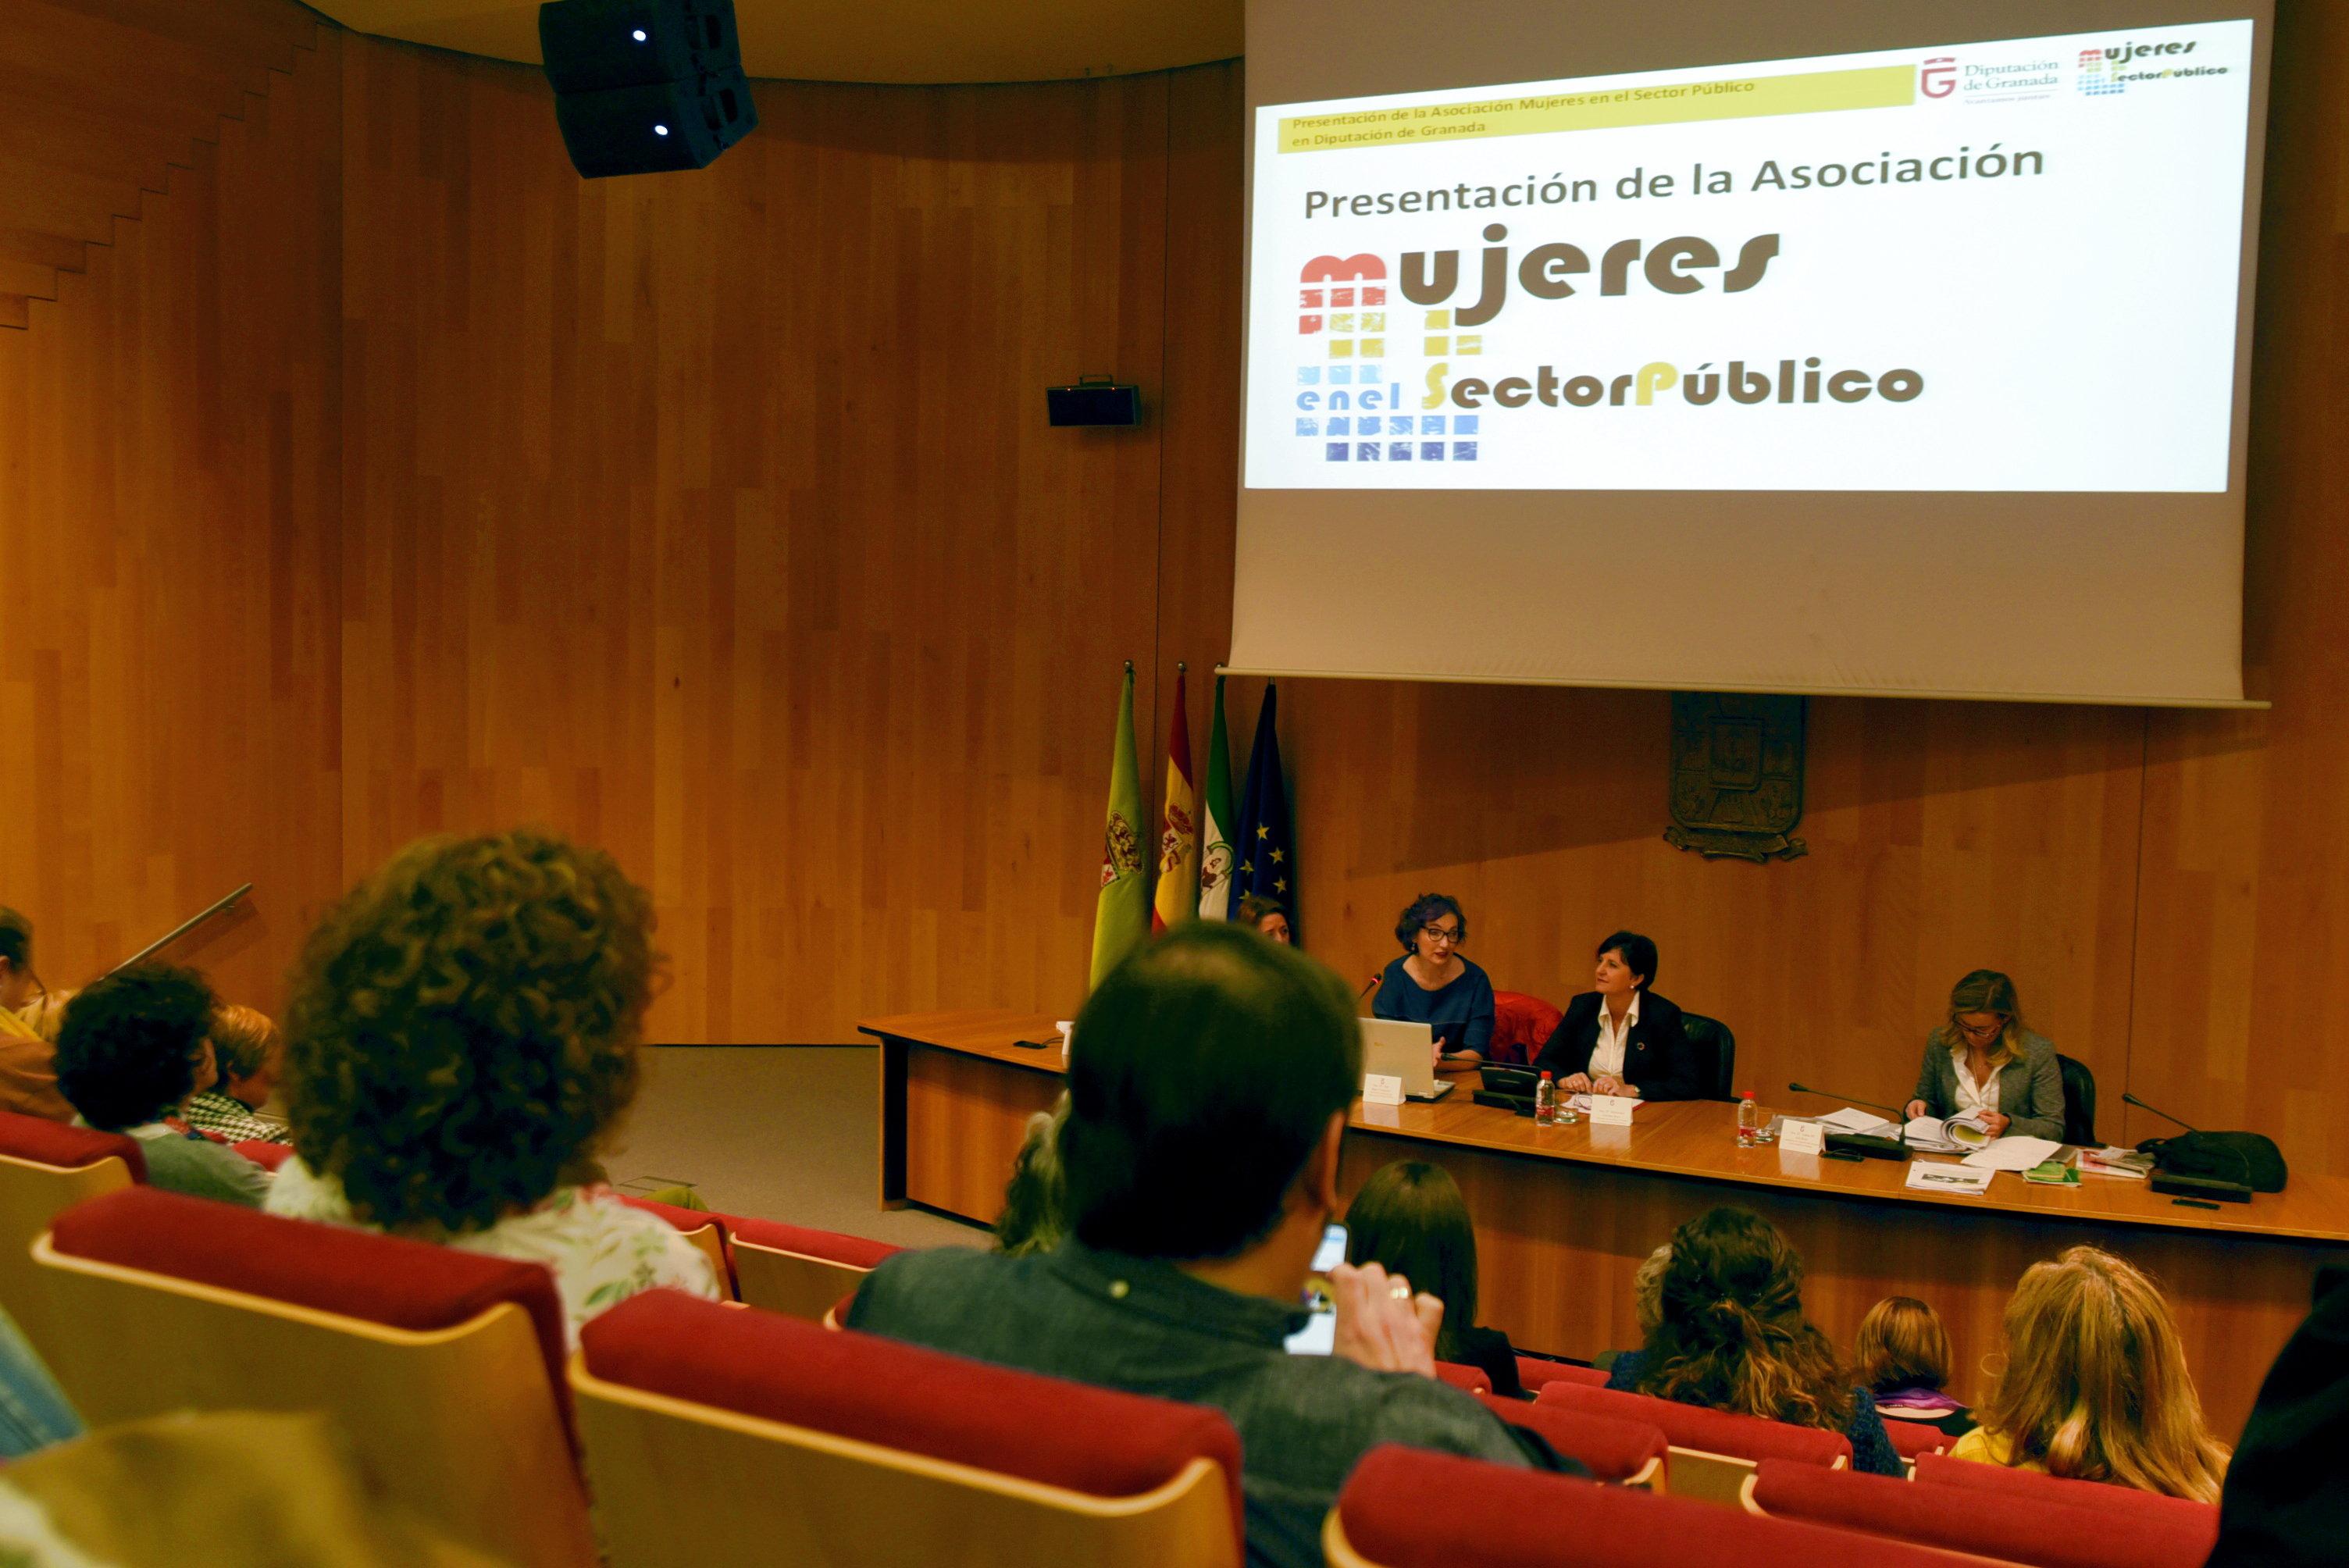 Se constituye la Asociación de Mujeres en el Sector Público